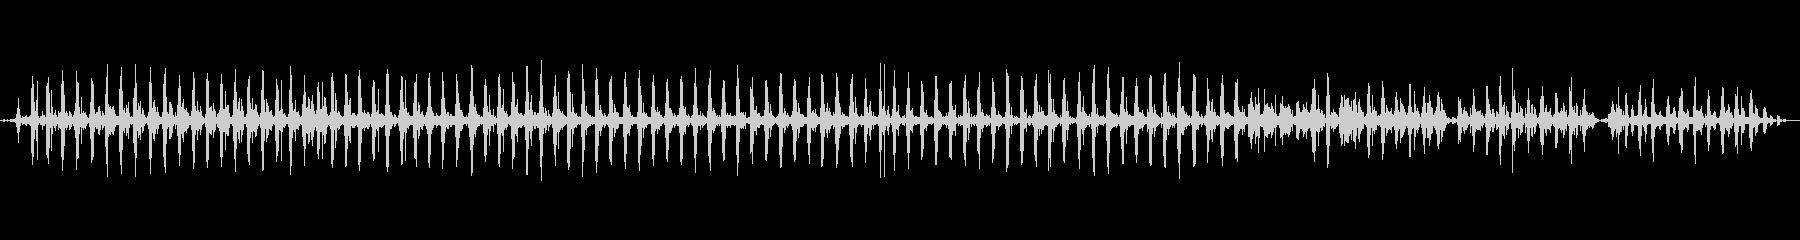 西会津町 - 伝統産業 舟水を混ぜる音の未再生の波形